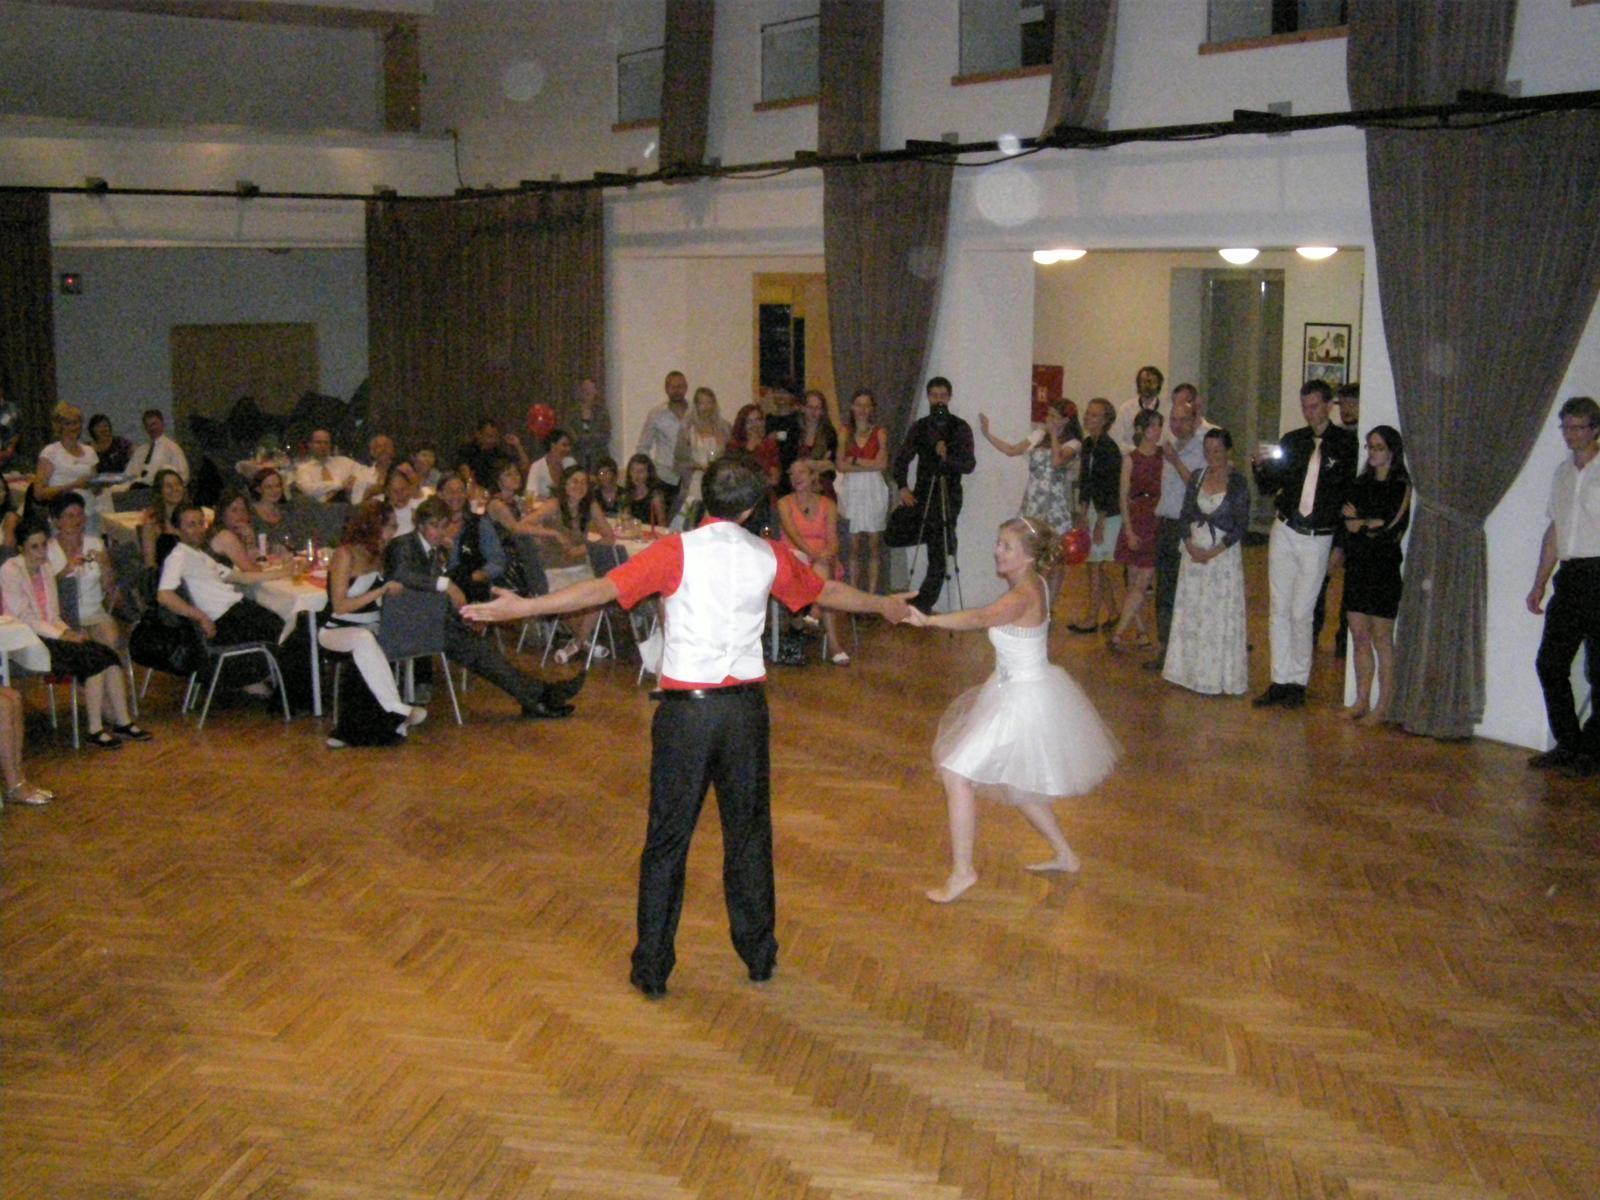 Svatba Lída Čermáková & Jiří Haut - speciální 1. novomaželský tanec